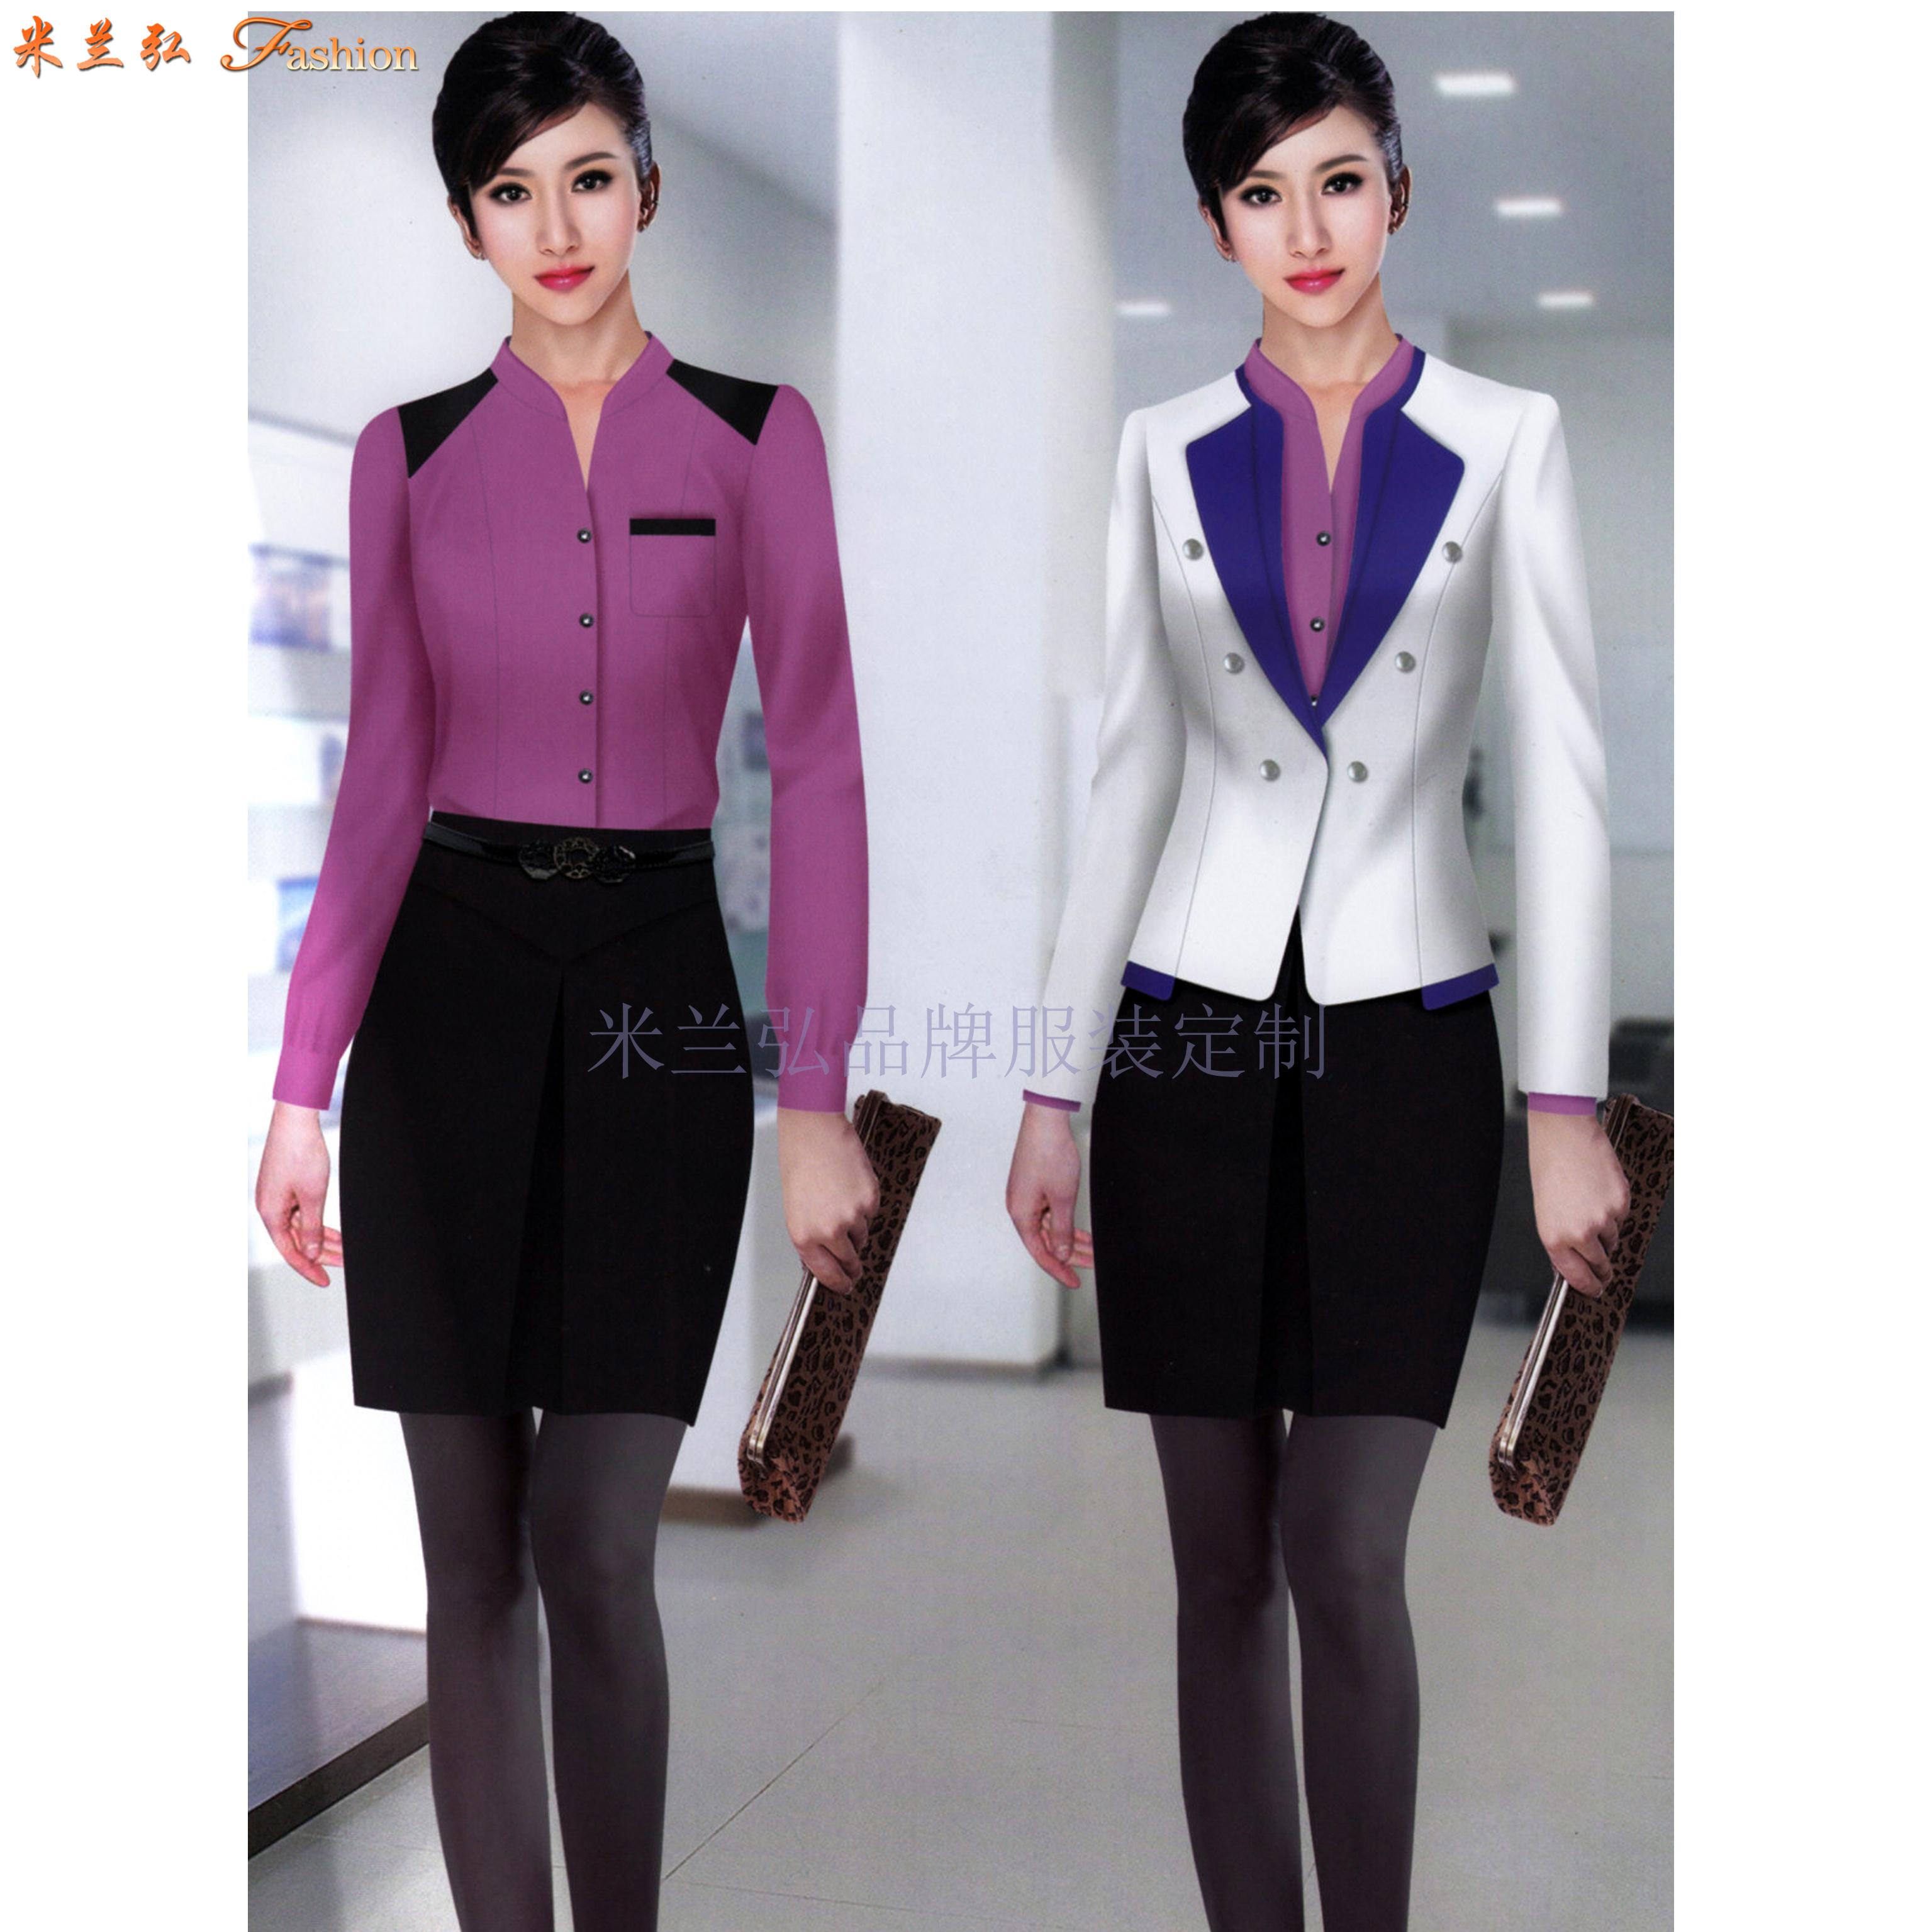 「聊城市職業裝」聊城市量身定做OL女式職業裝-米蘭弘服裝-1